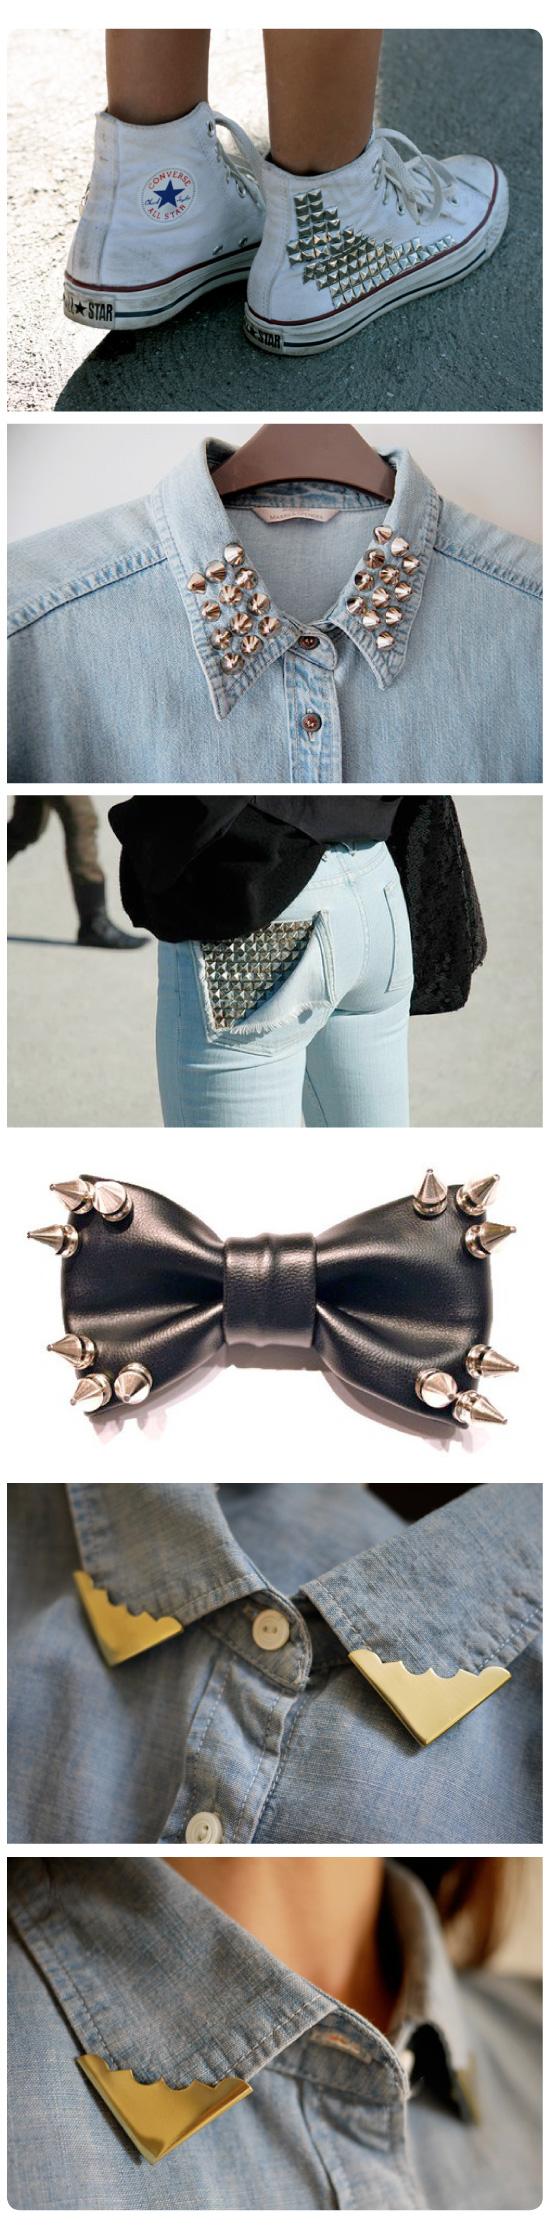 studded-collars